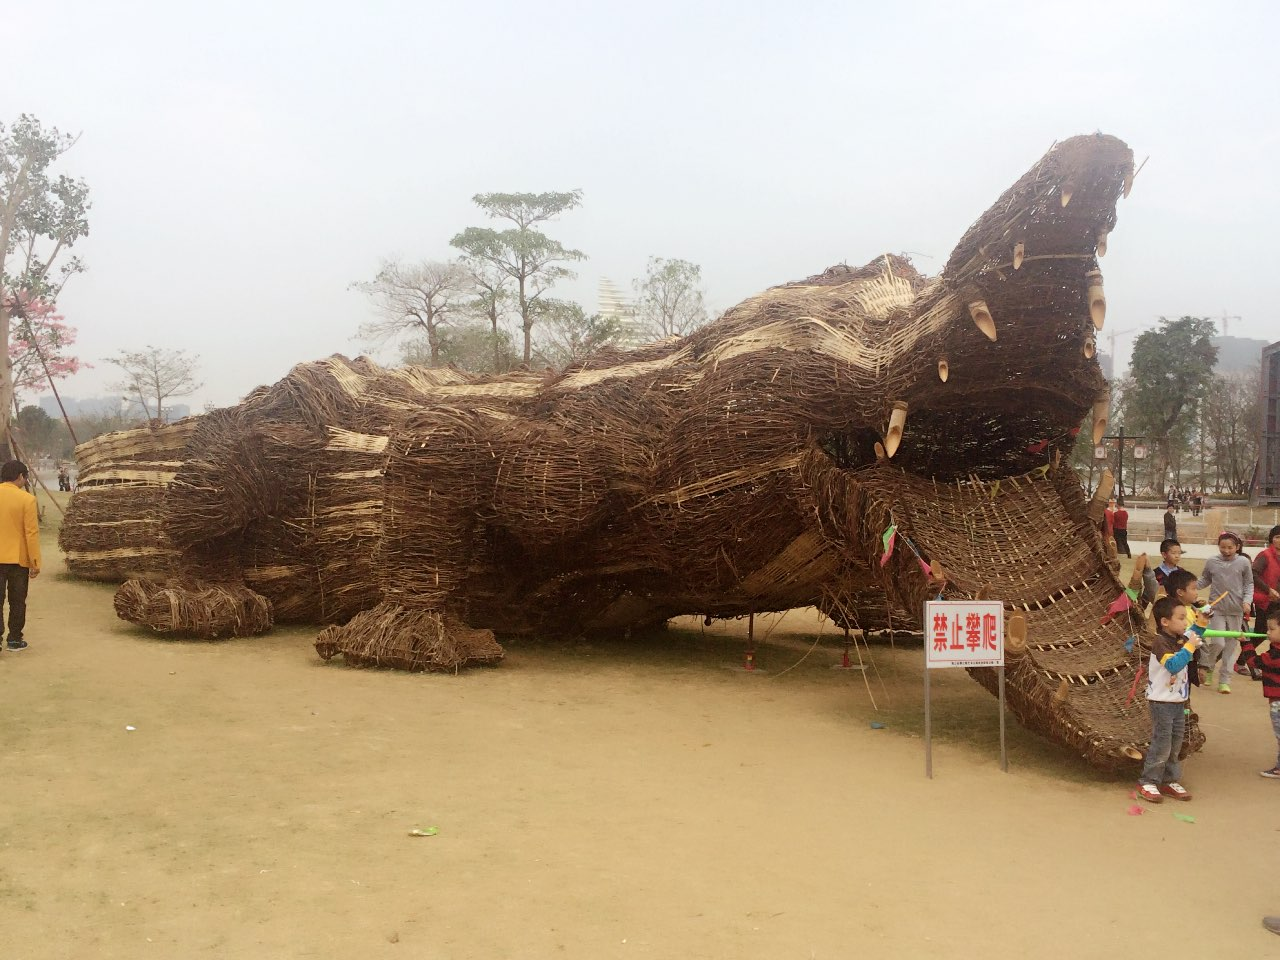 海丝巨鳄-摄于泉州海丝文化公园